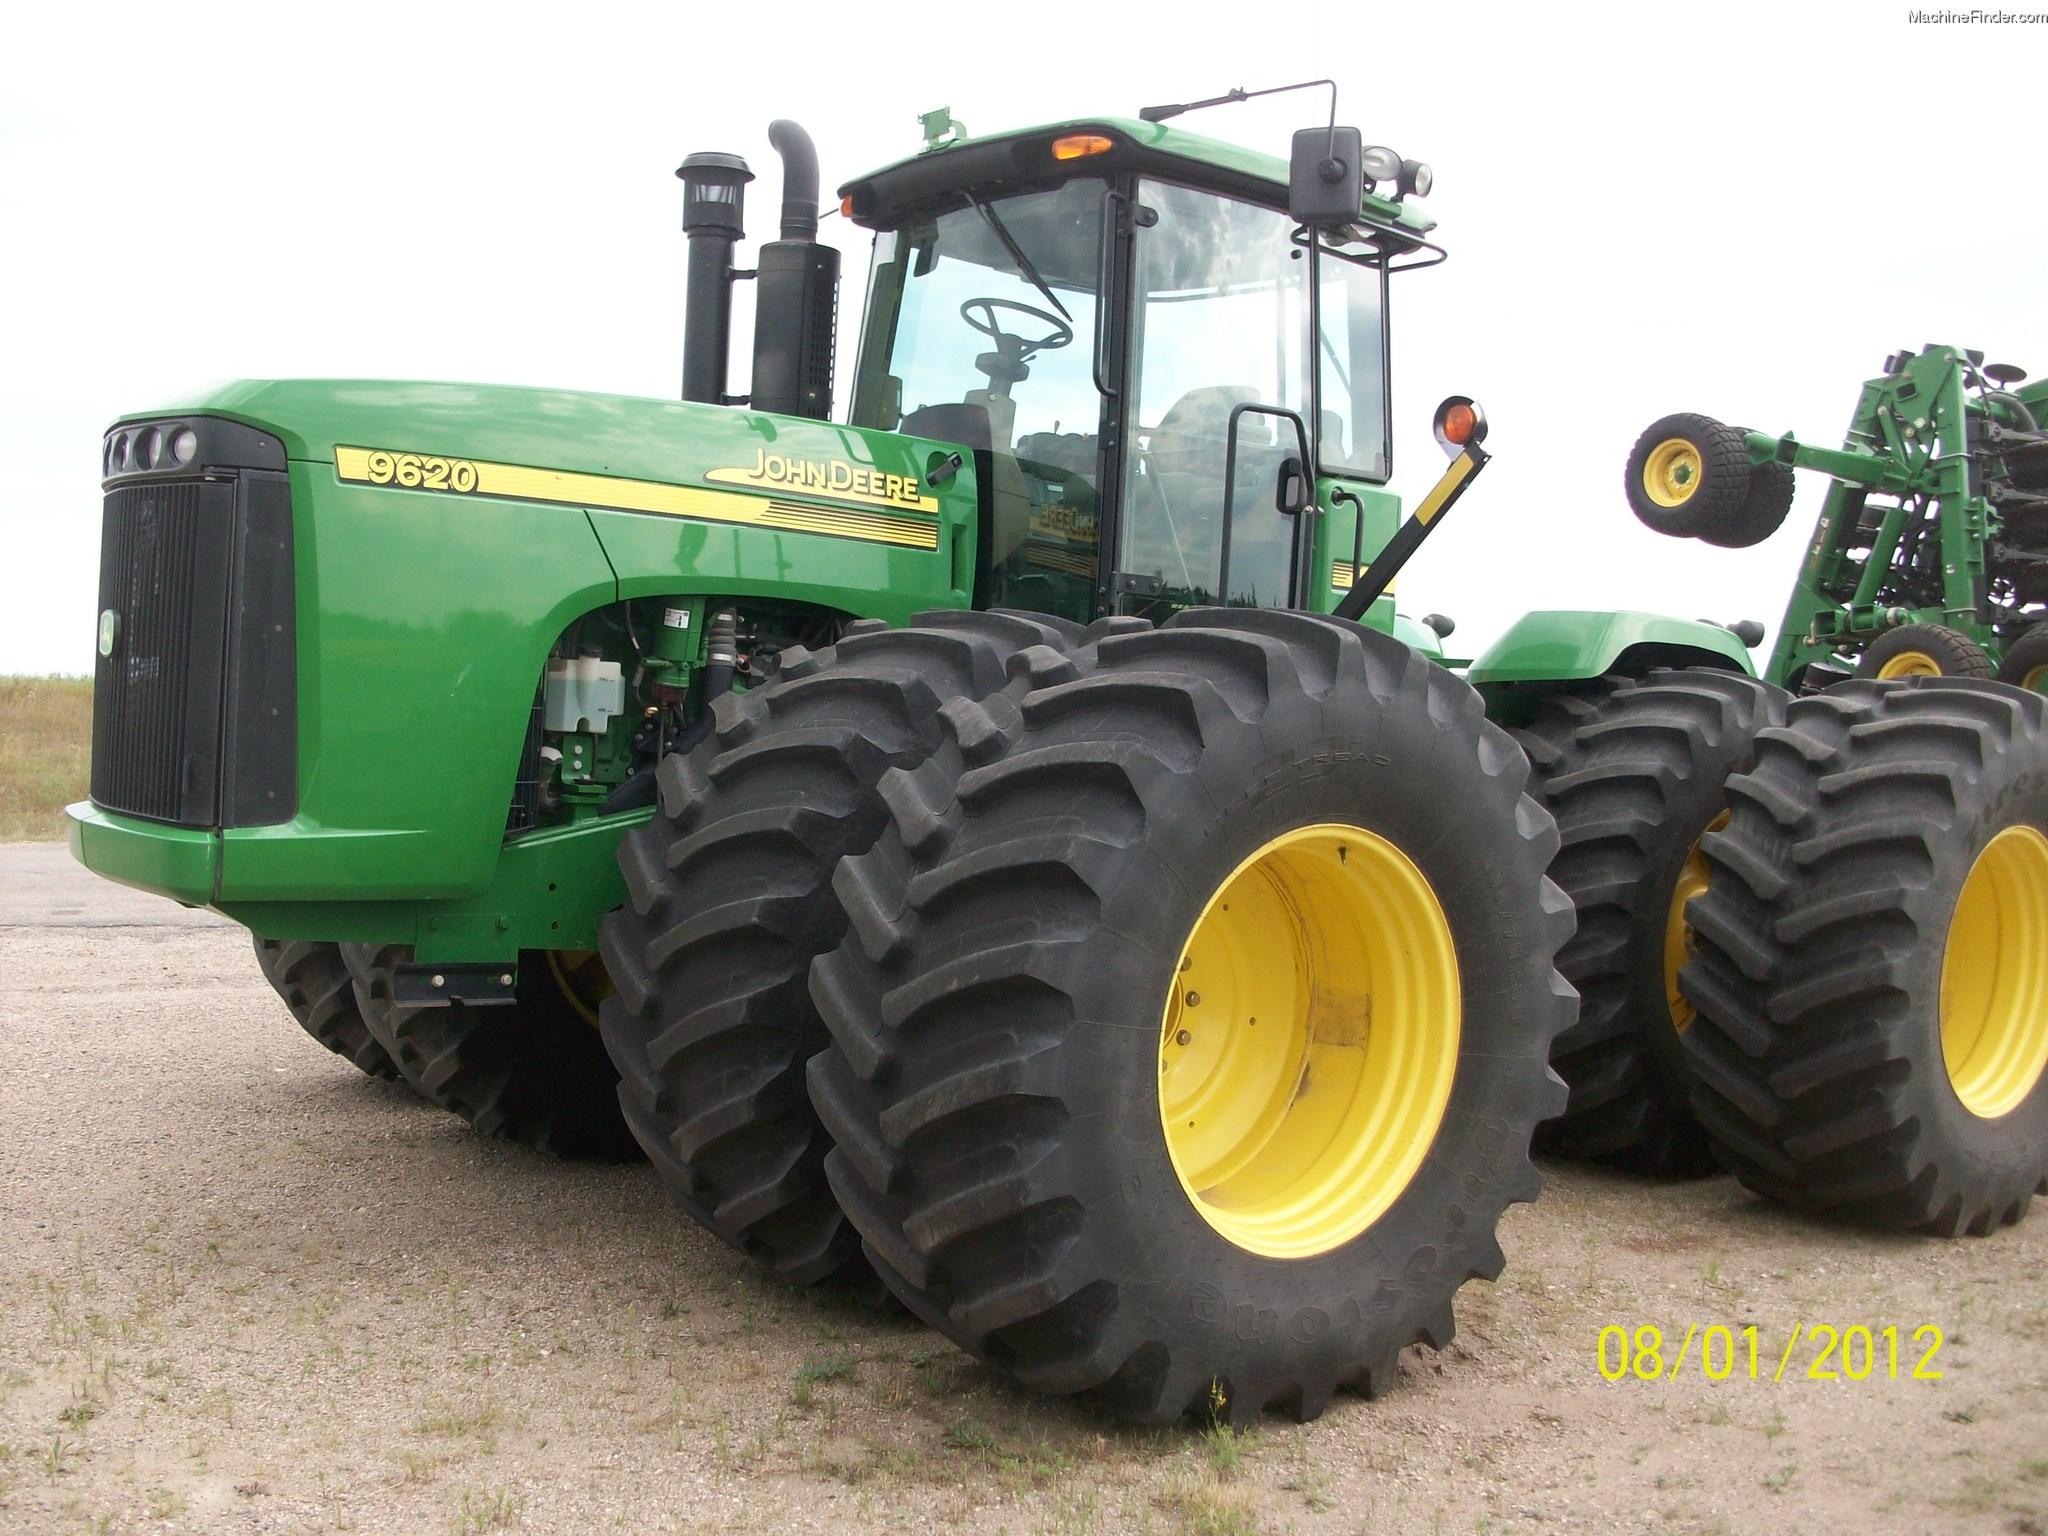 2007 John Deere 9620 Tractors - Articulated 4WD - John ...